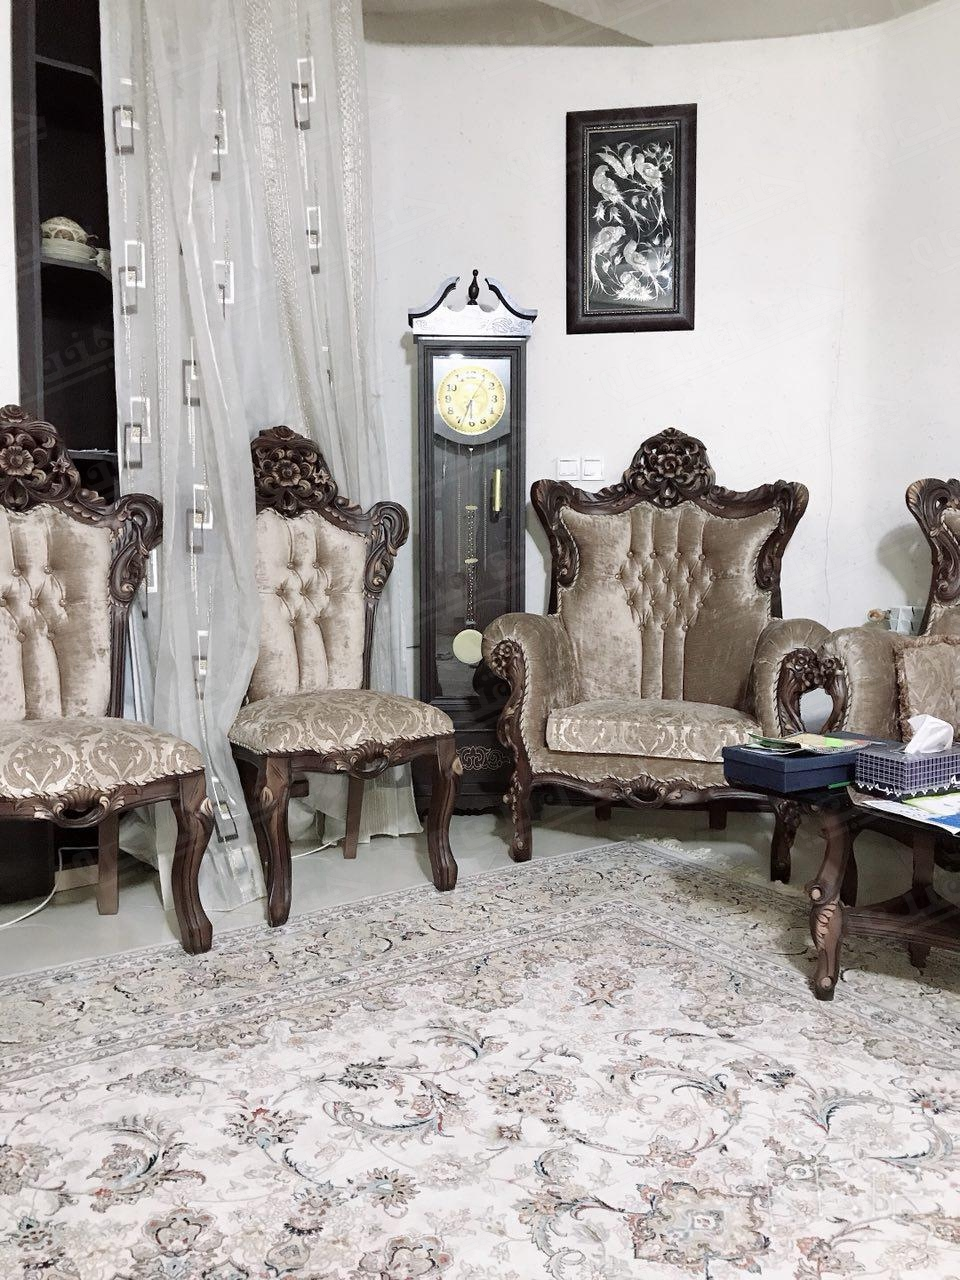 اجاره منزل مبله در اصفهان روزانه - 217